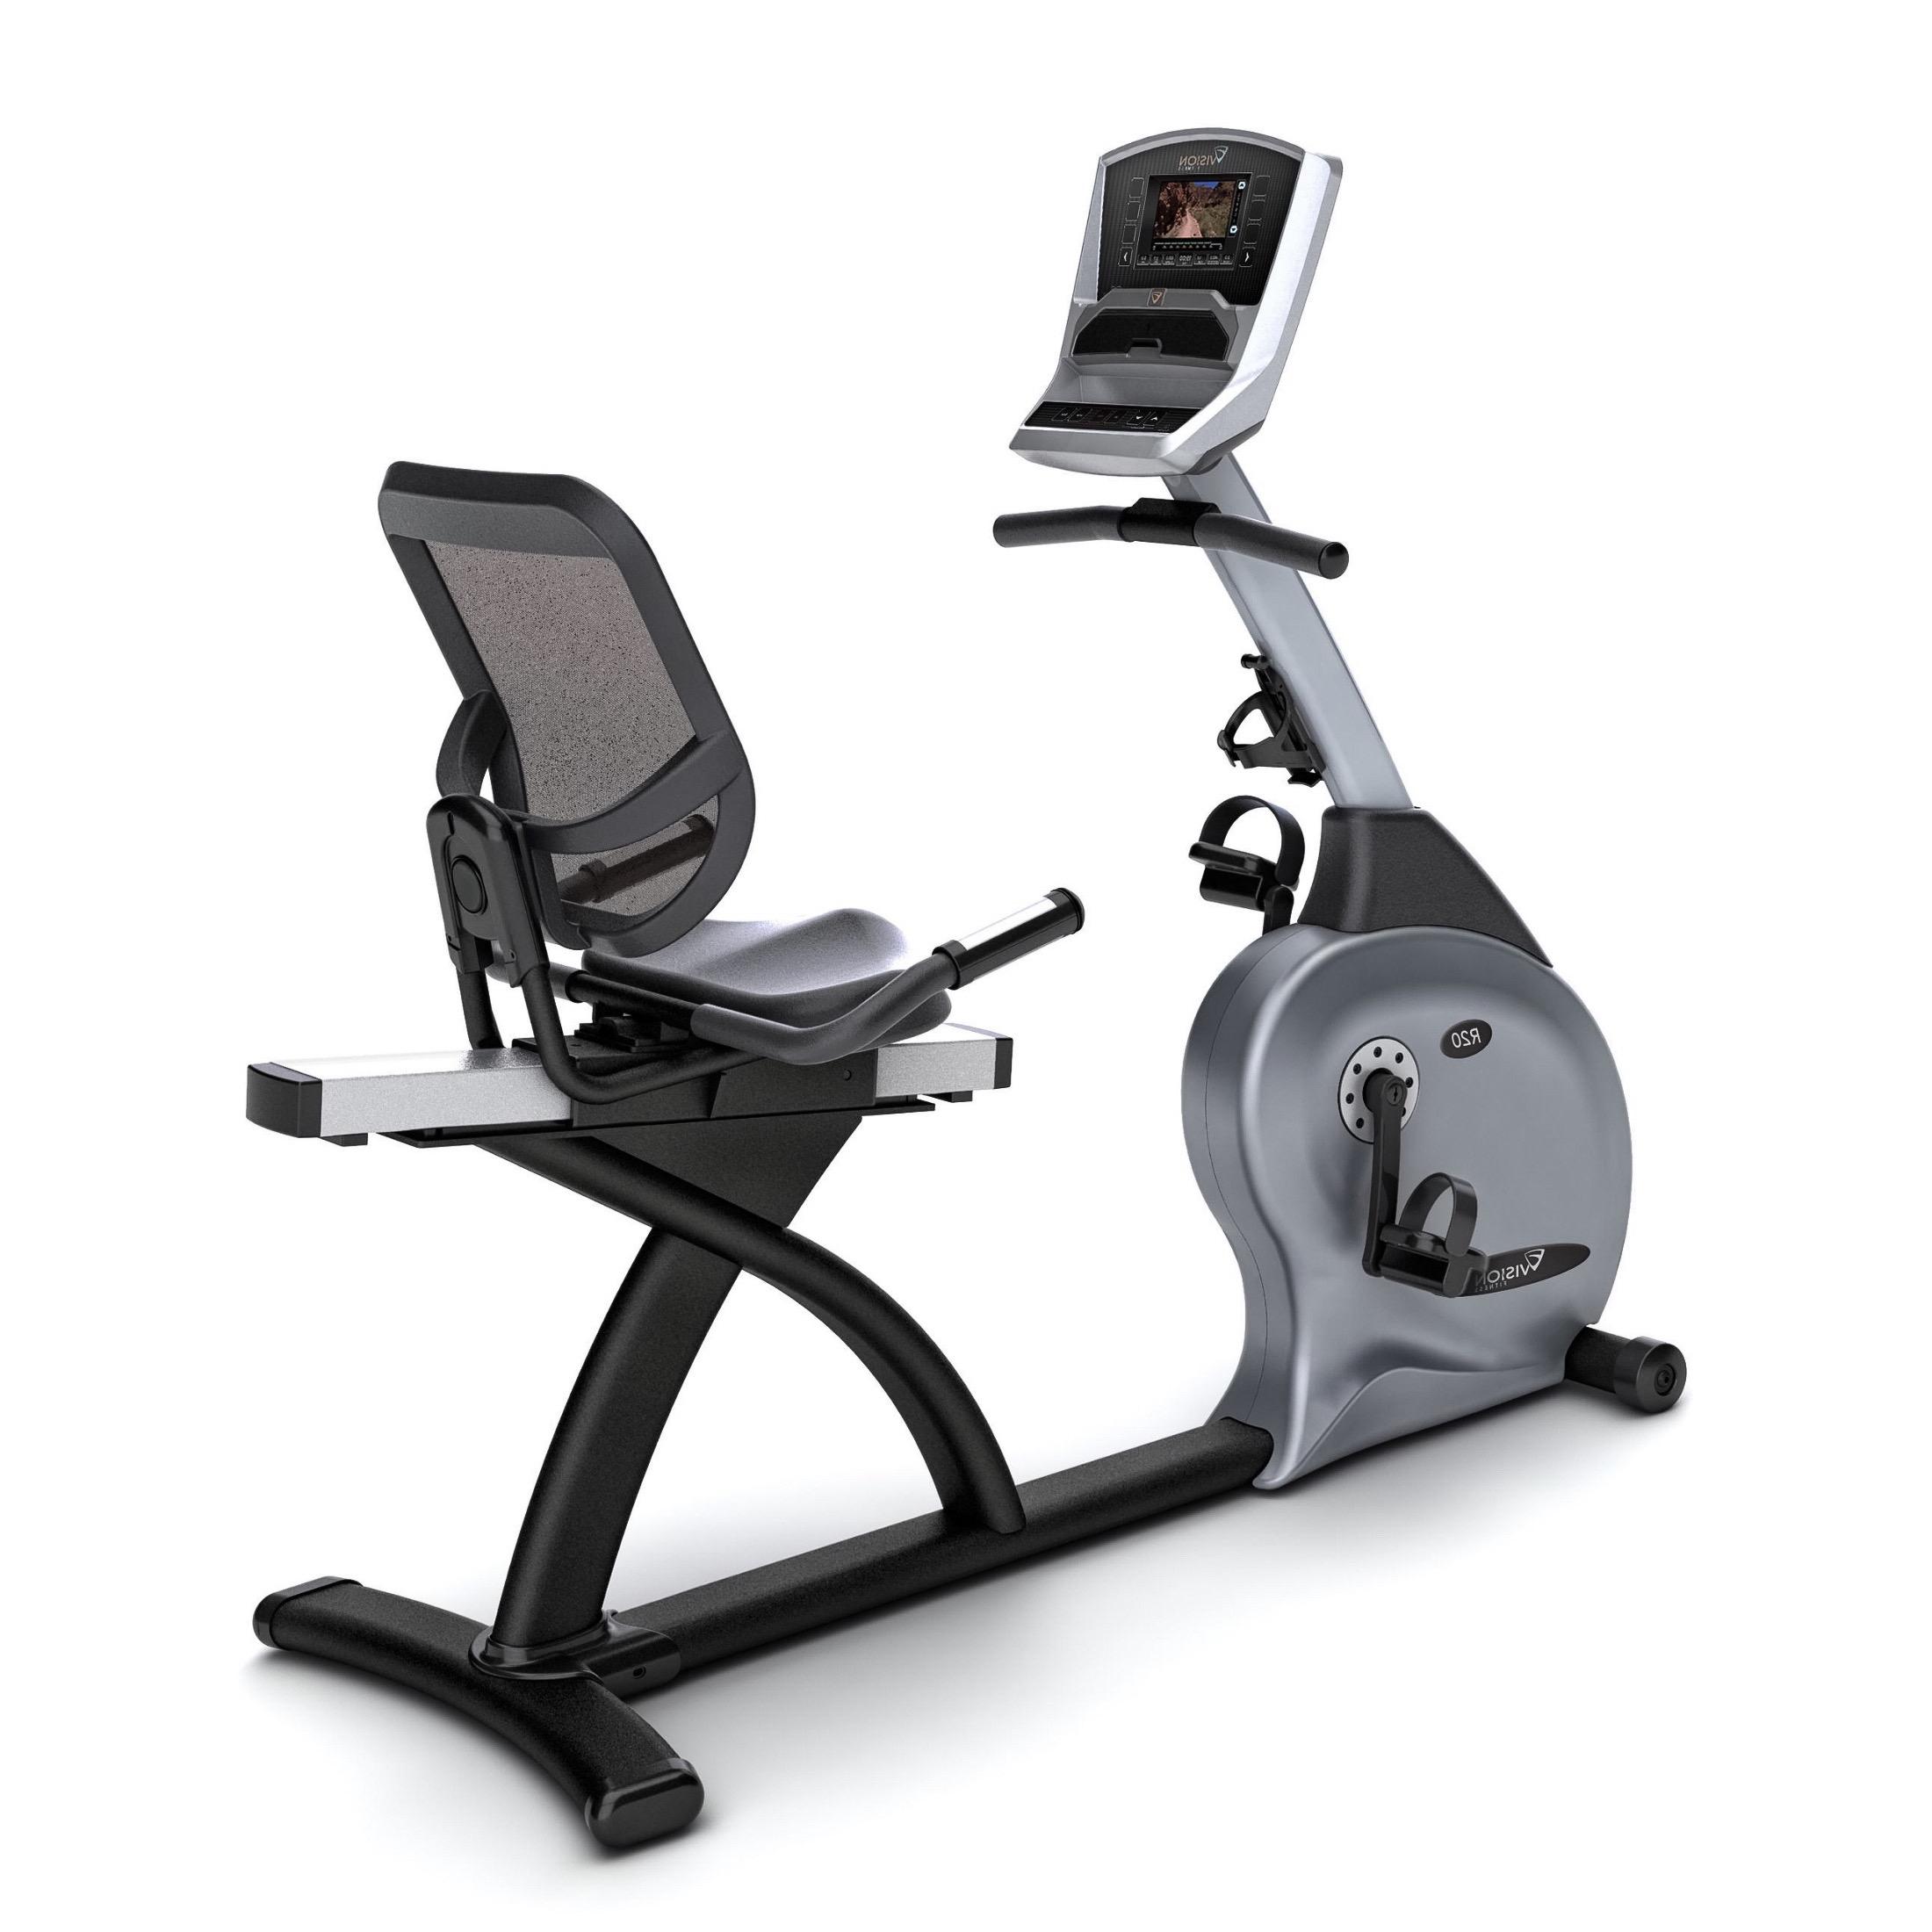 จักรยานเอนปั่น : Vision R20 - 10.5 KG.